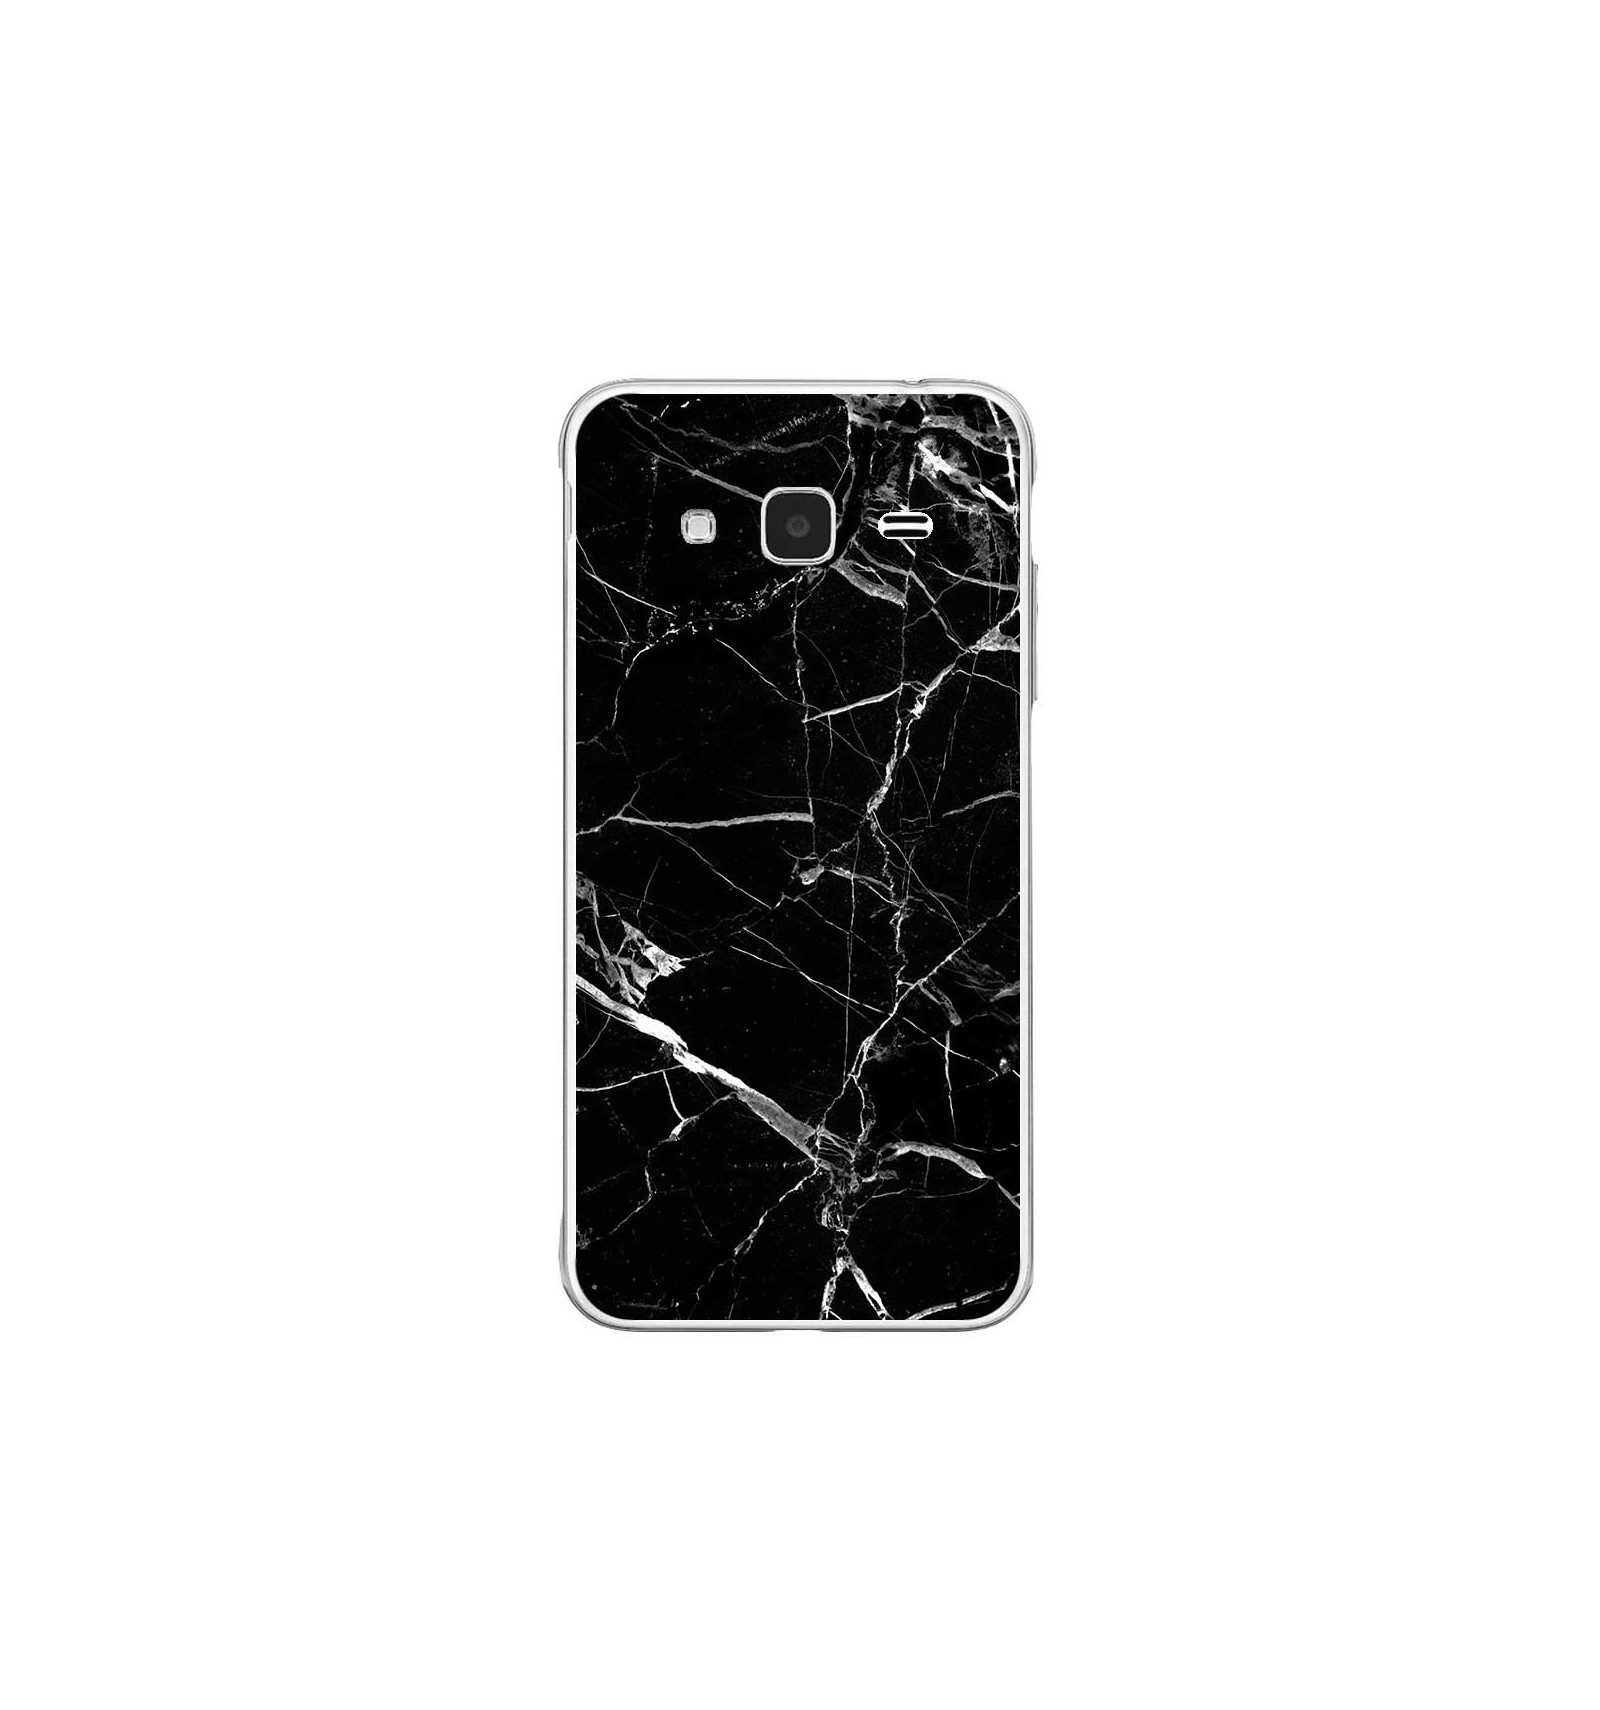 coque samsung j3 2016 marbre noir